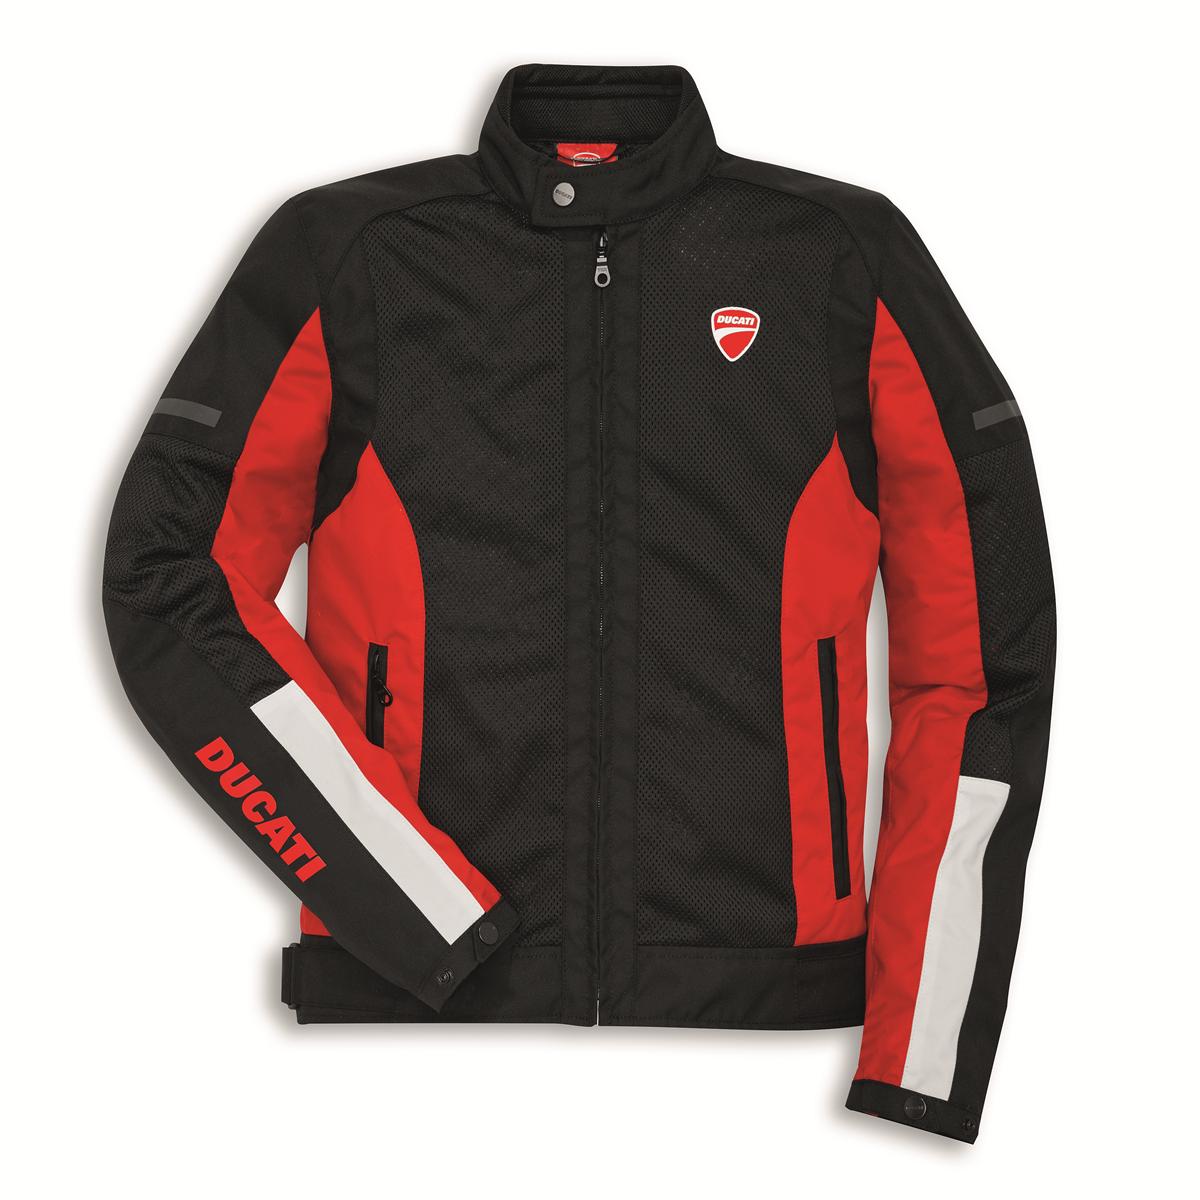 Ducati Summer 3 Fabric Jacket